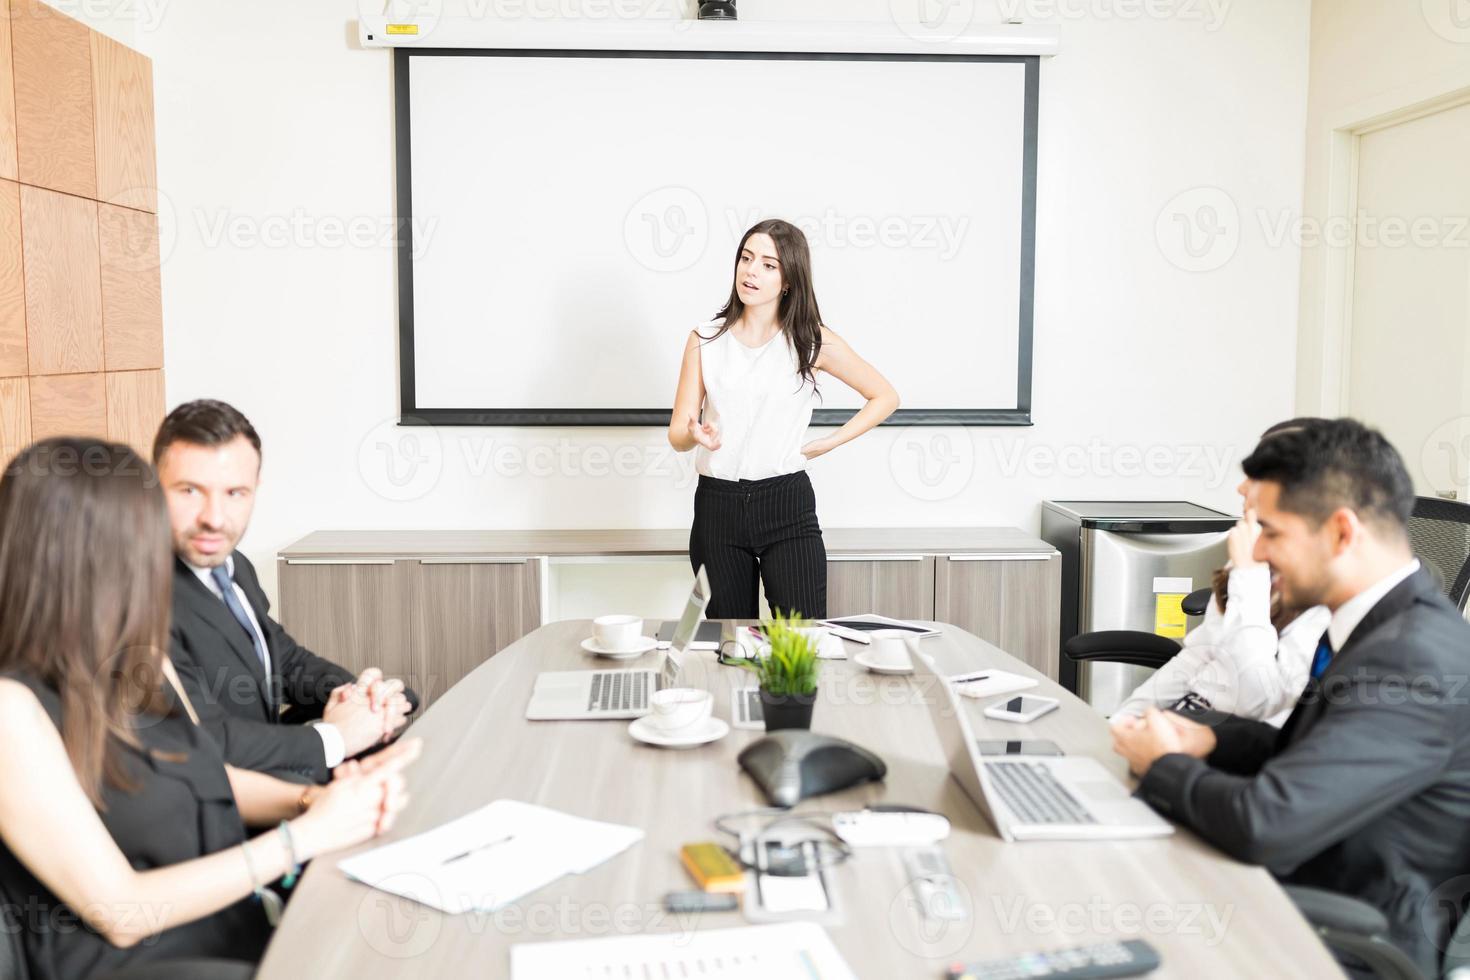 diretor dando suas opiniões sobre o projeto na sala de reuniões foto